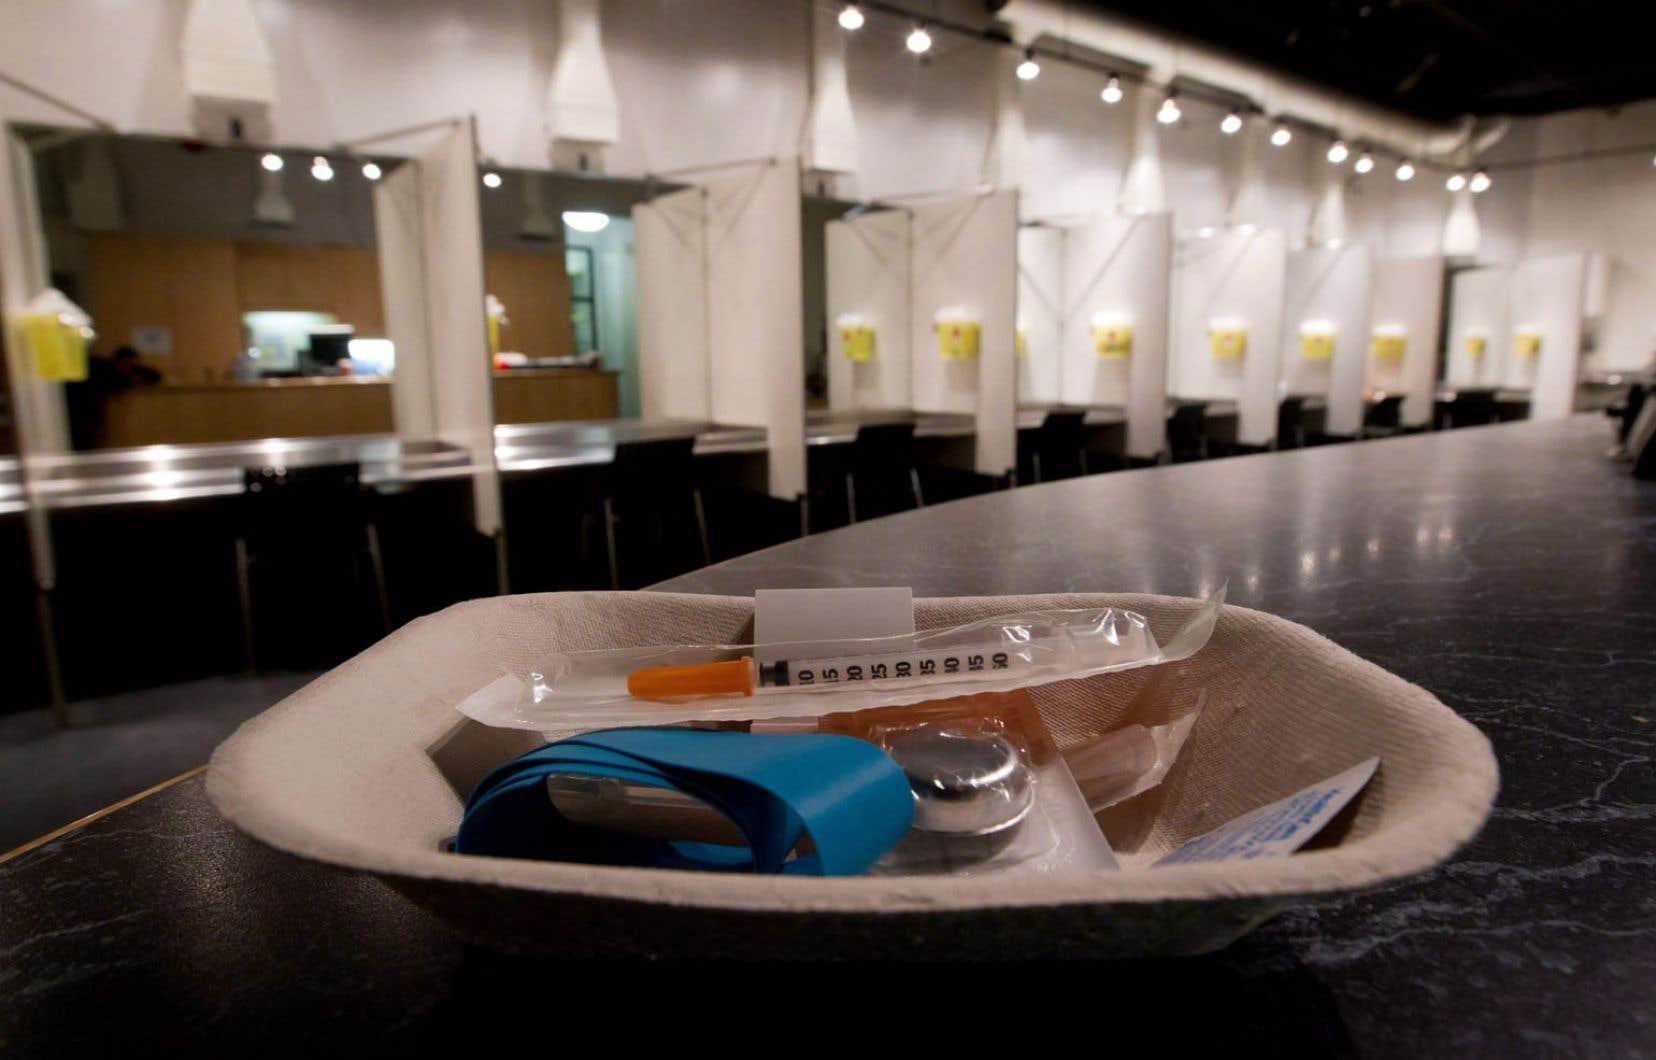 Le site d'injection supervisée Insite, à Vancouver. Selon le nouveau projet de loi conservateur déposé jeudi, pour rester ouvert, Insite devra notamment fournir des preuves de son acceptabilité sociale.